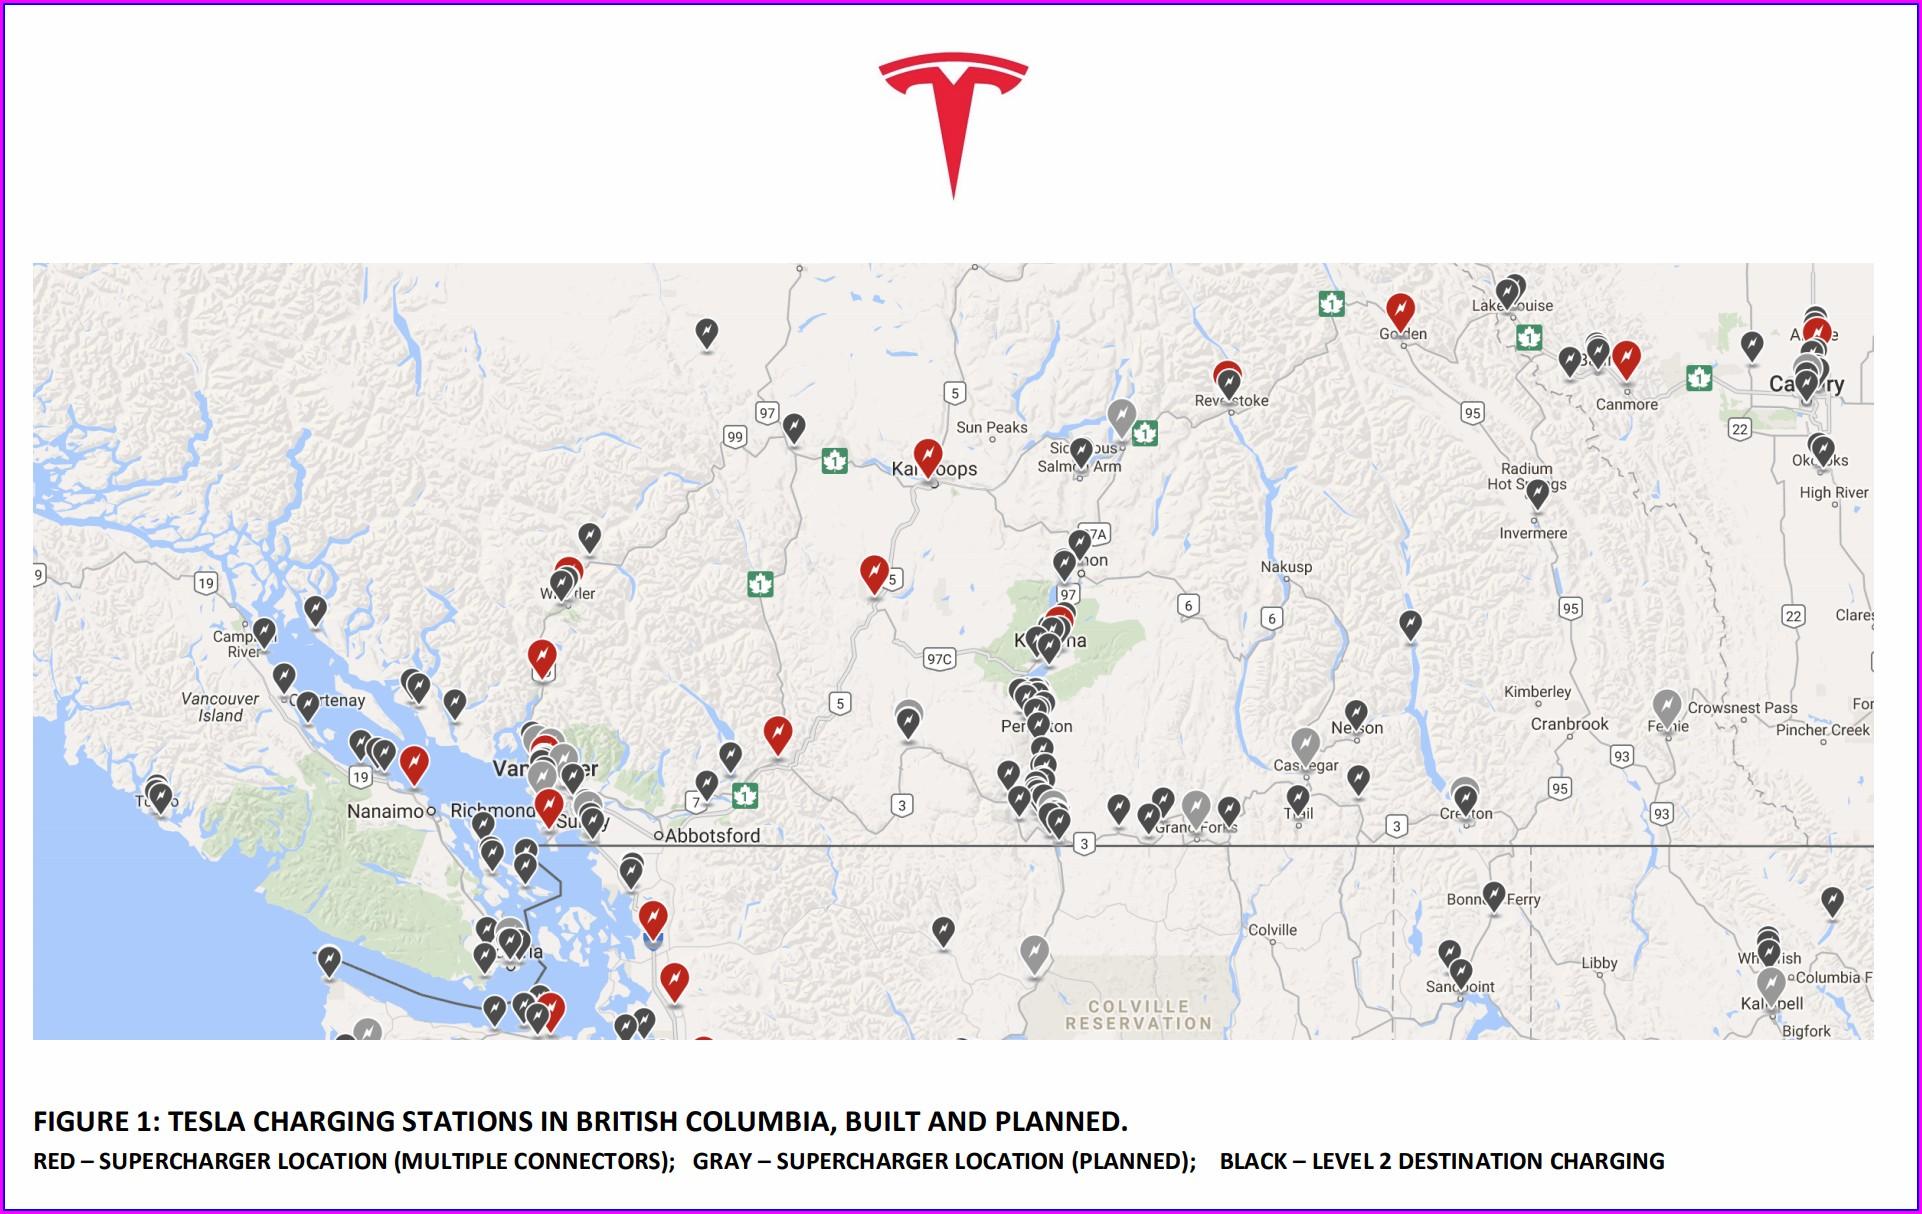 Supercharger Tesla Tesla Charging Stations Map